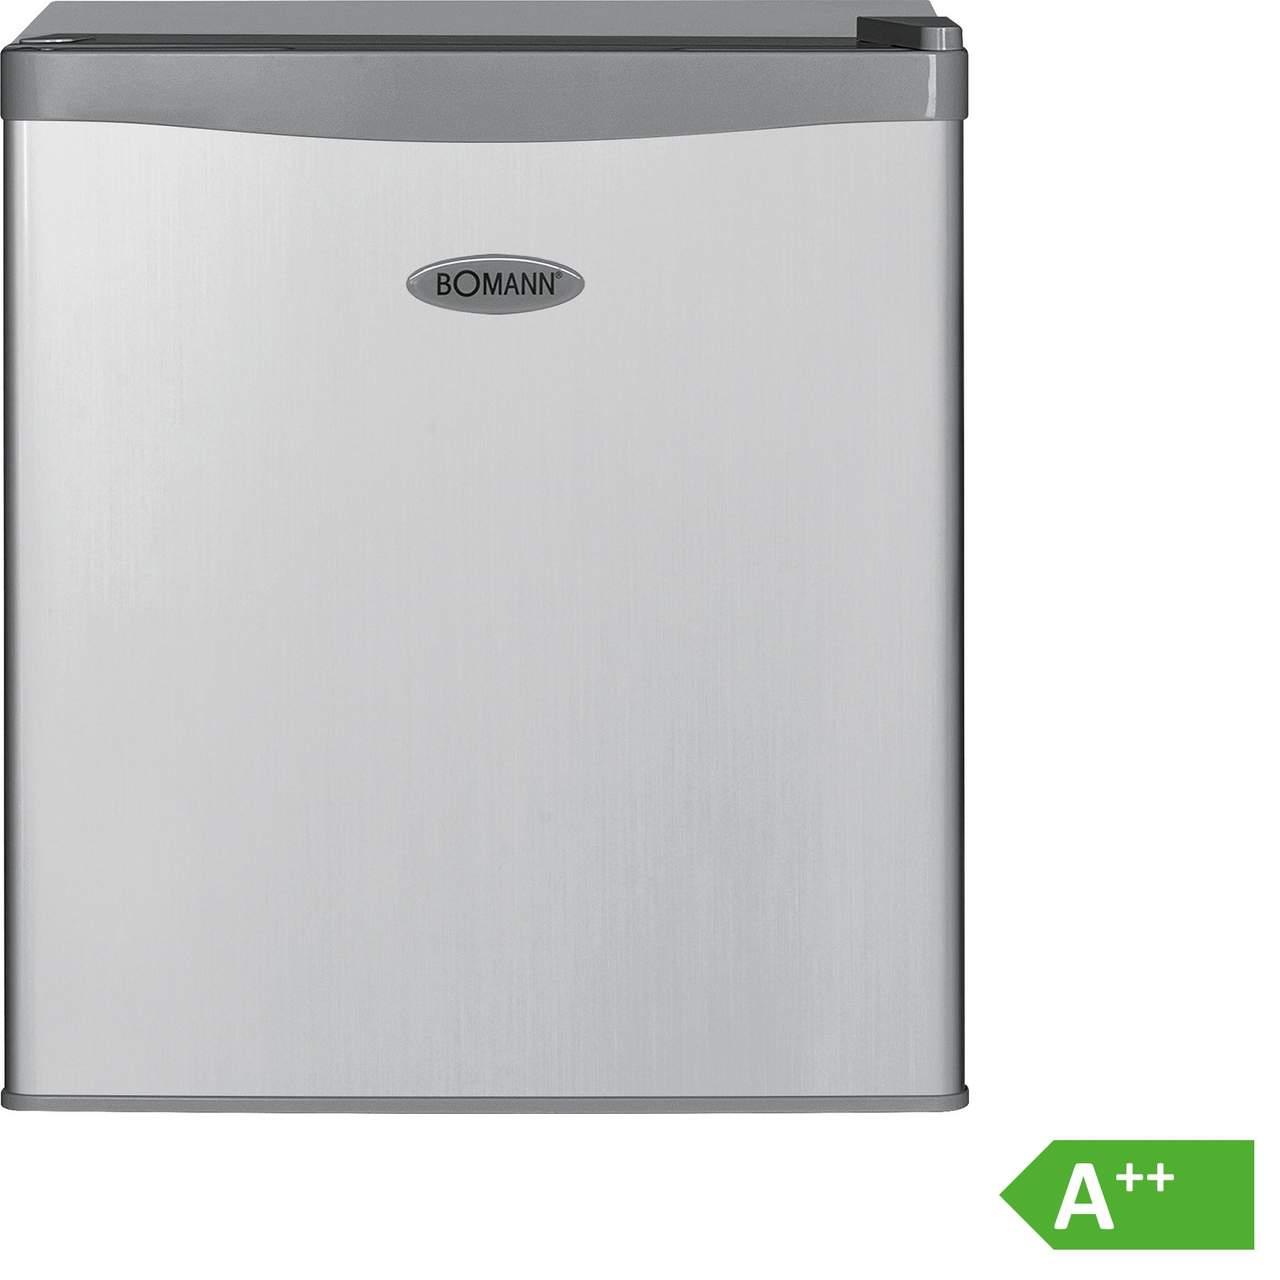 Bomann KB 389 Mini Kühlschrank A++51 cm Höhe84 kWh